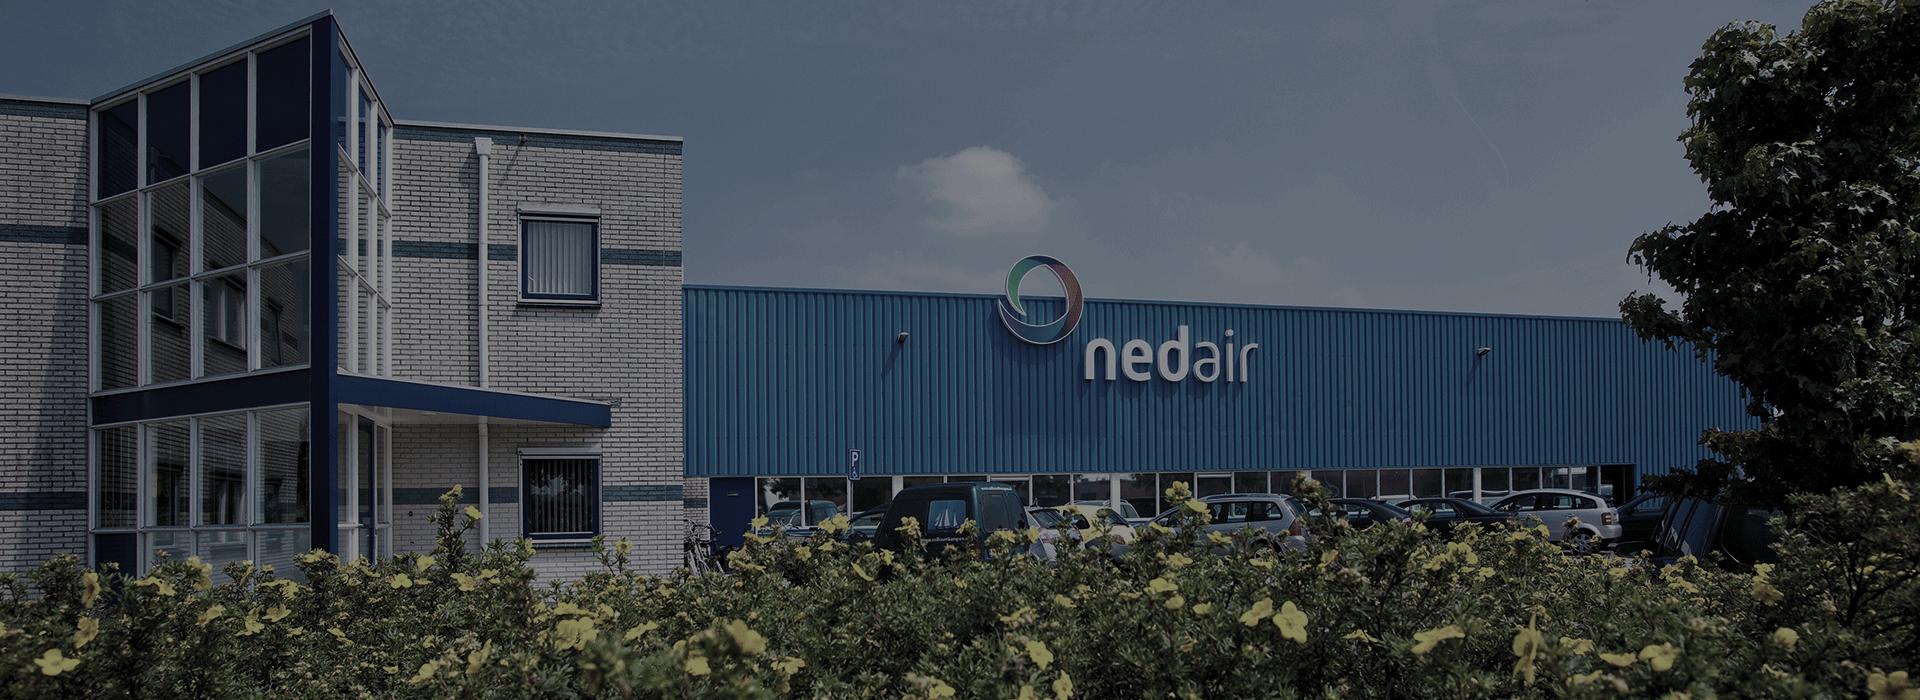 Banner Ned Air bedrijfspand